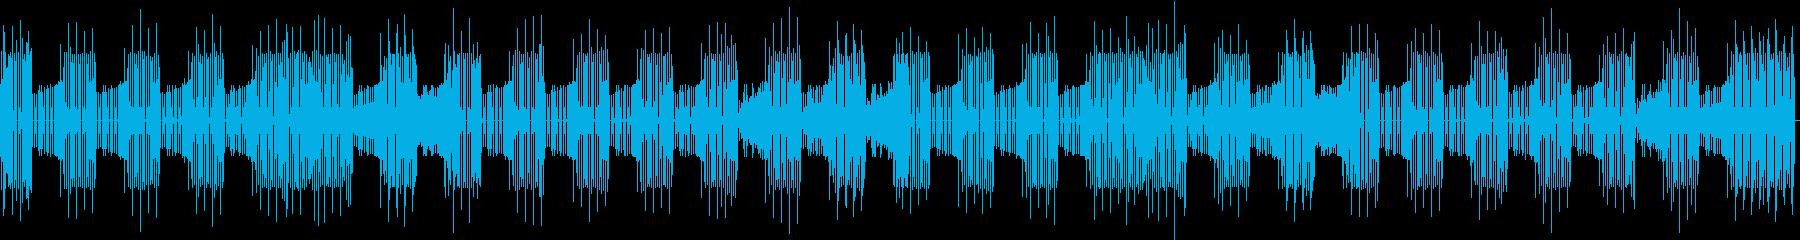 喋り動画用_ローテンポな電子ビートBGMの再生済みの波形